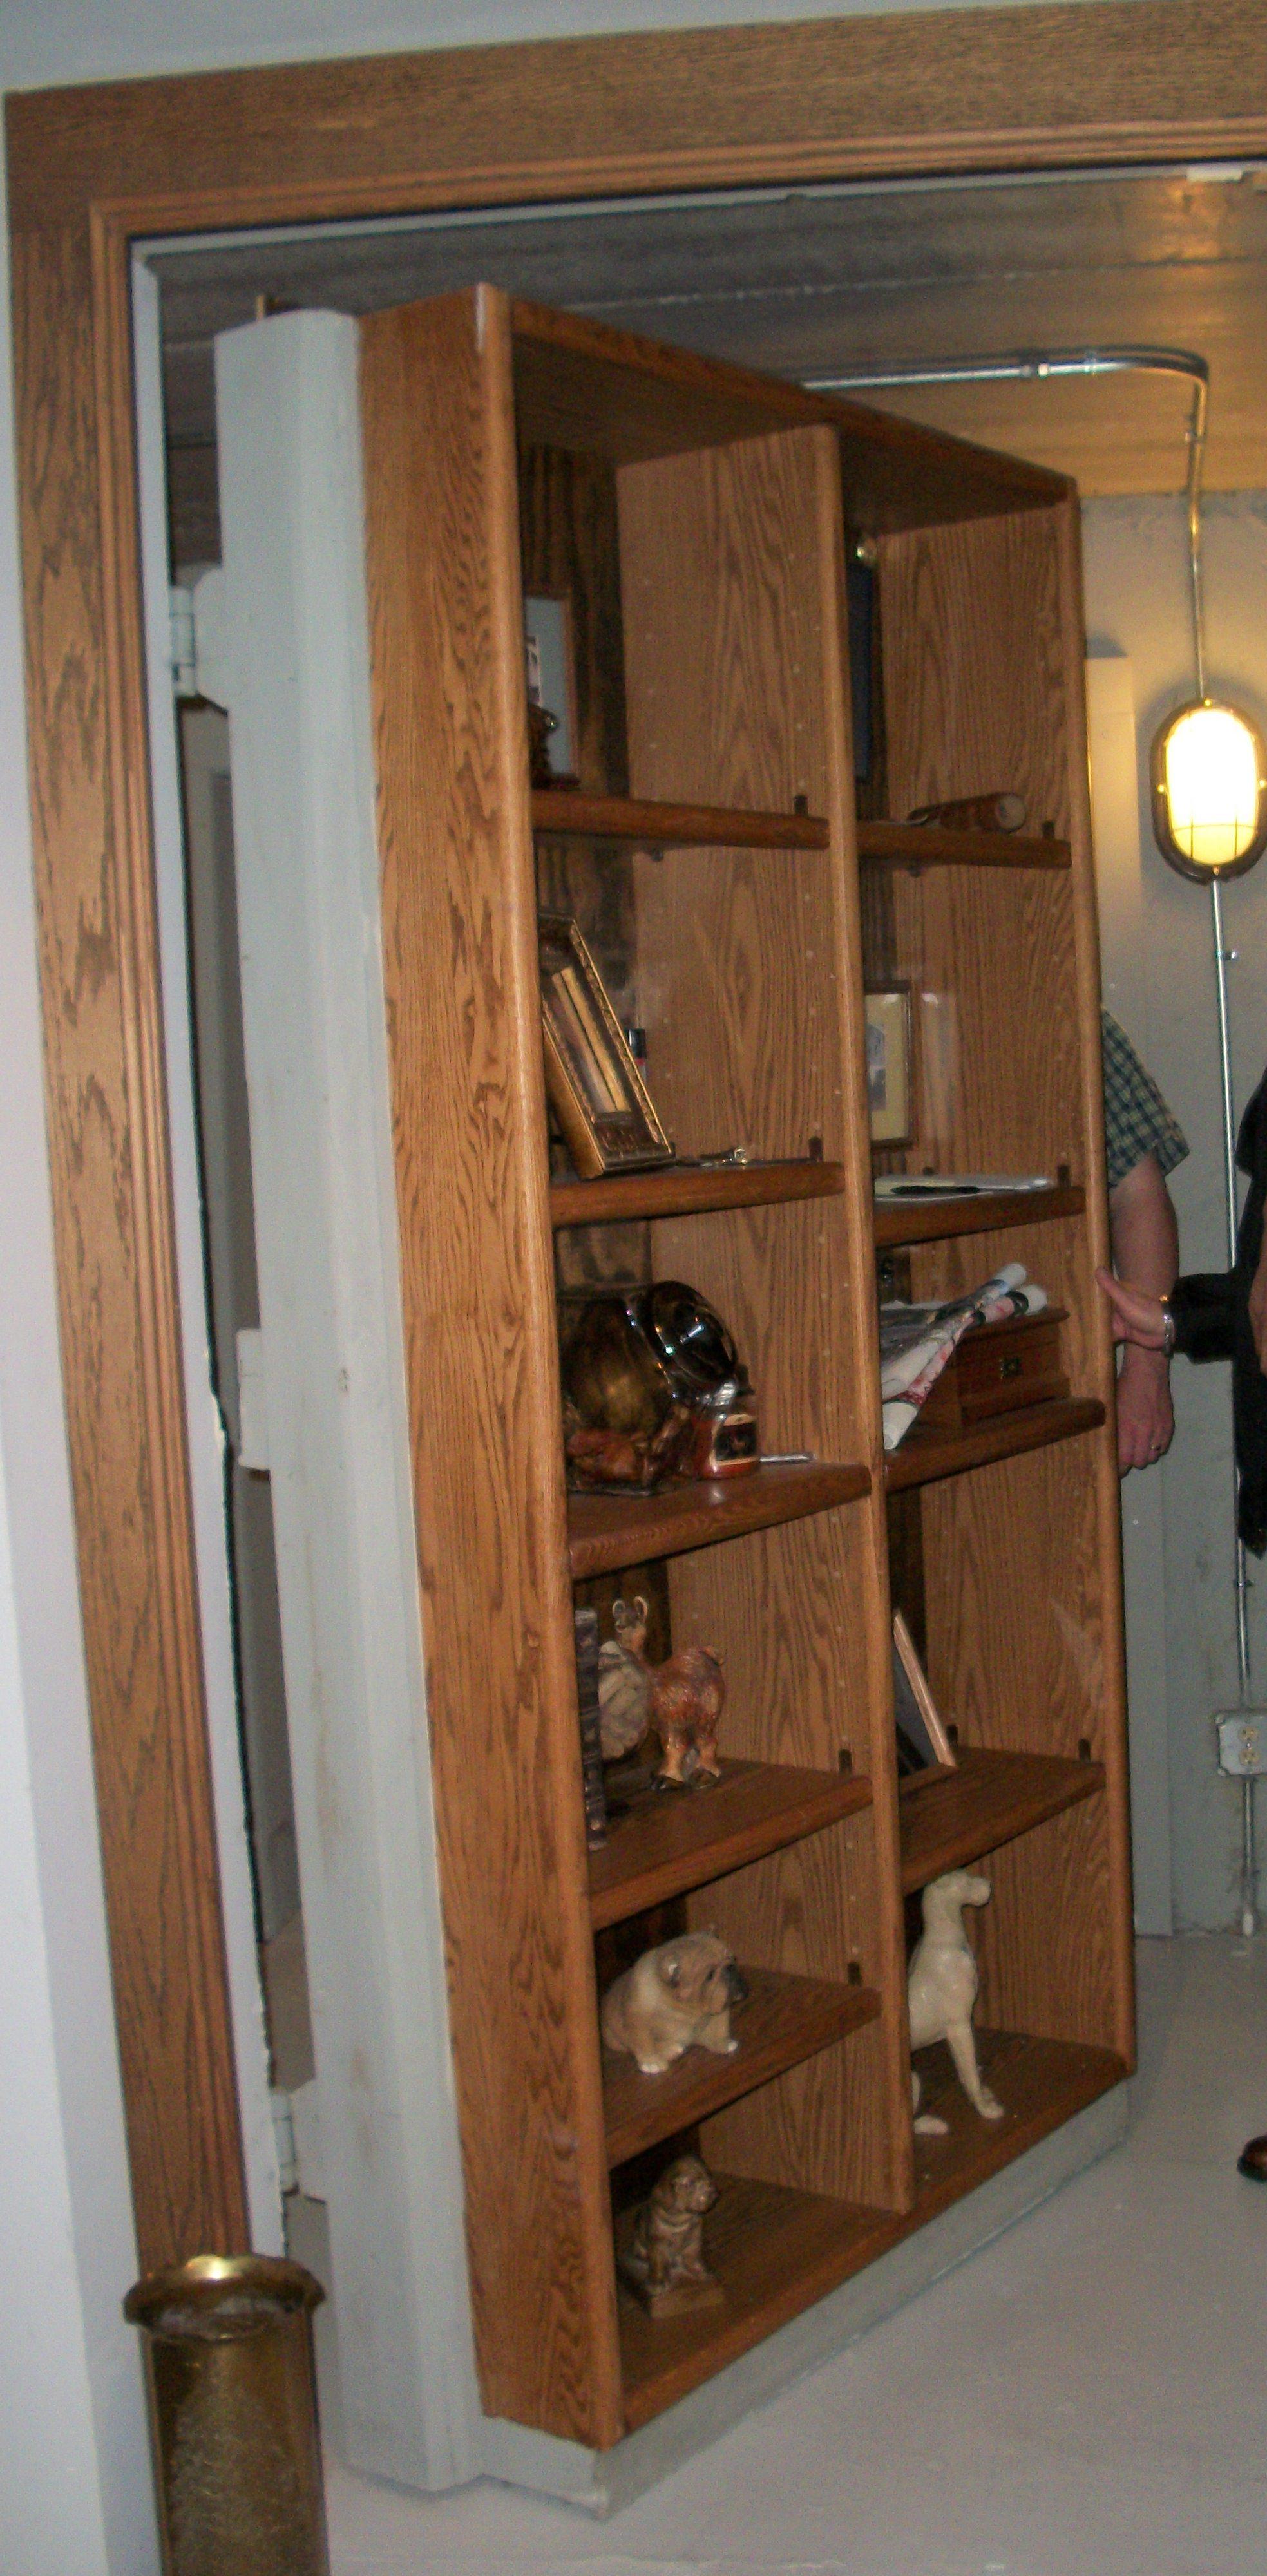 Secret Room Behind Bookshelf Door Stashvault